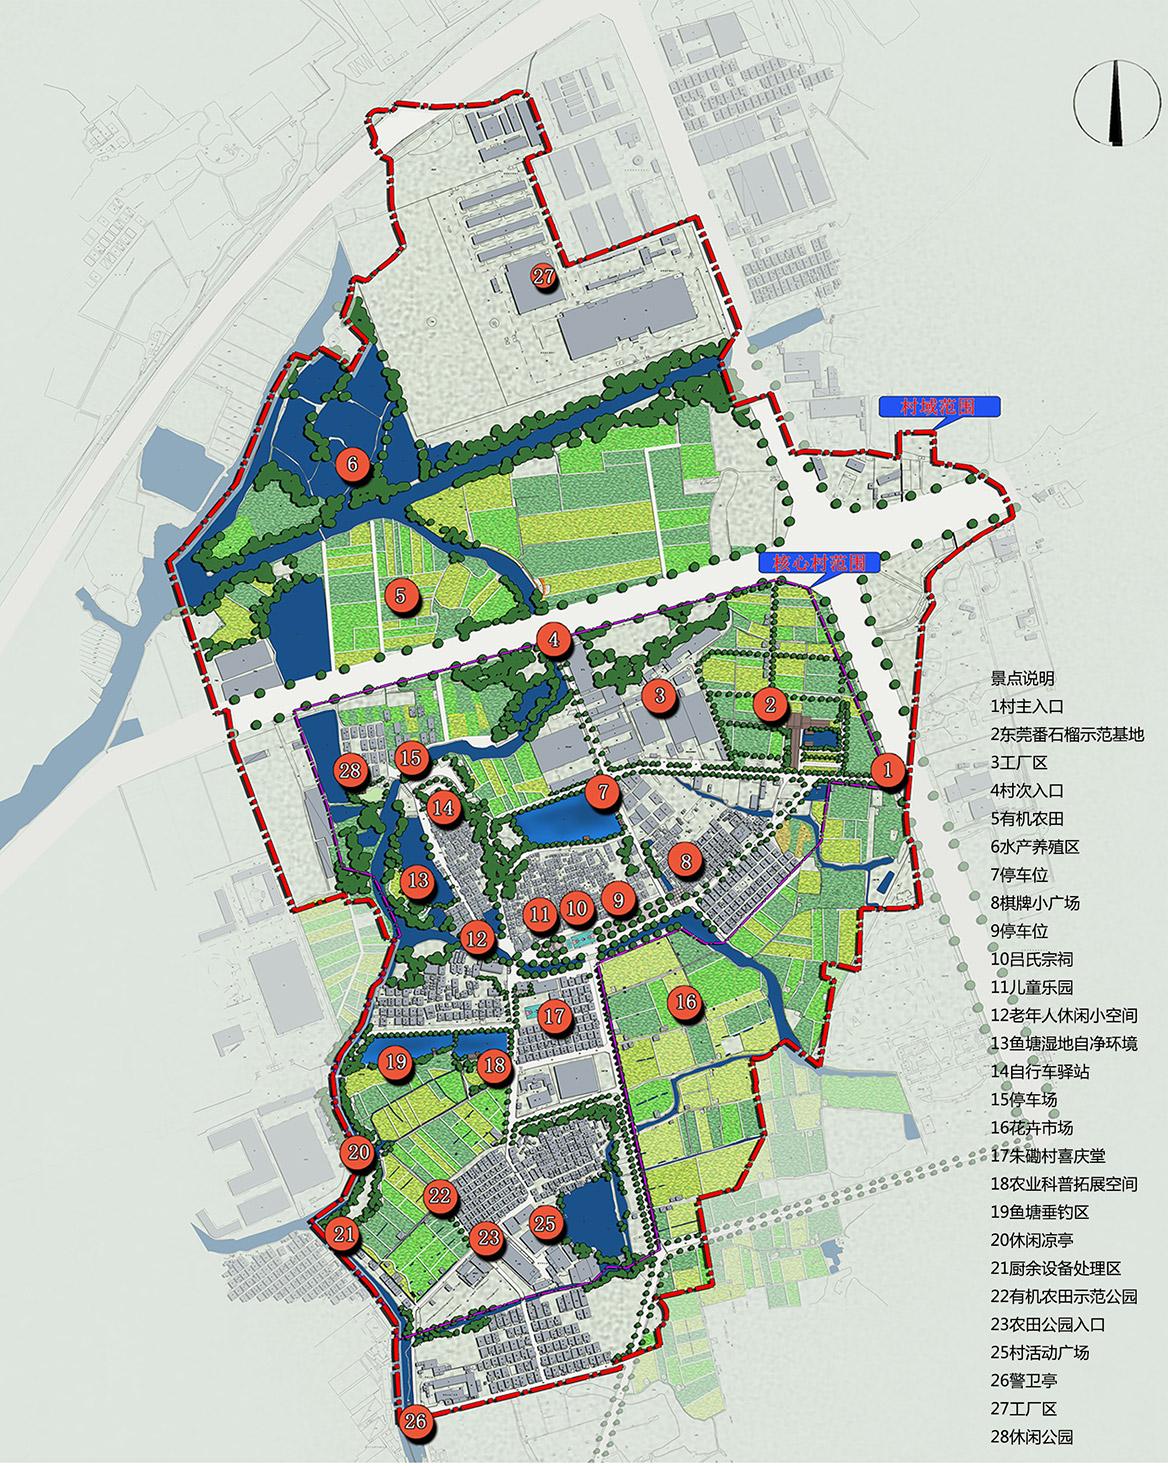 高埗镇朱磡村美丽幸福村居设计方案图1